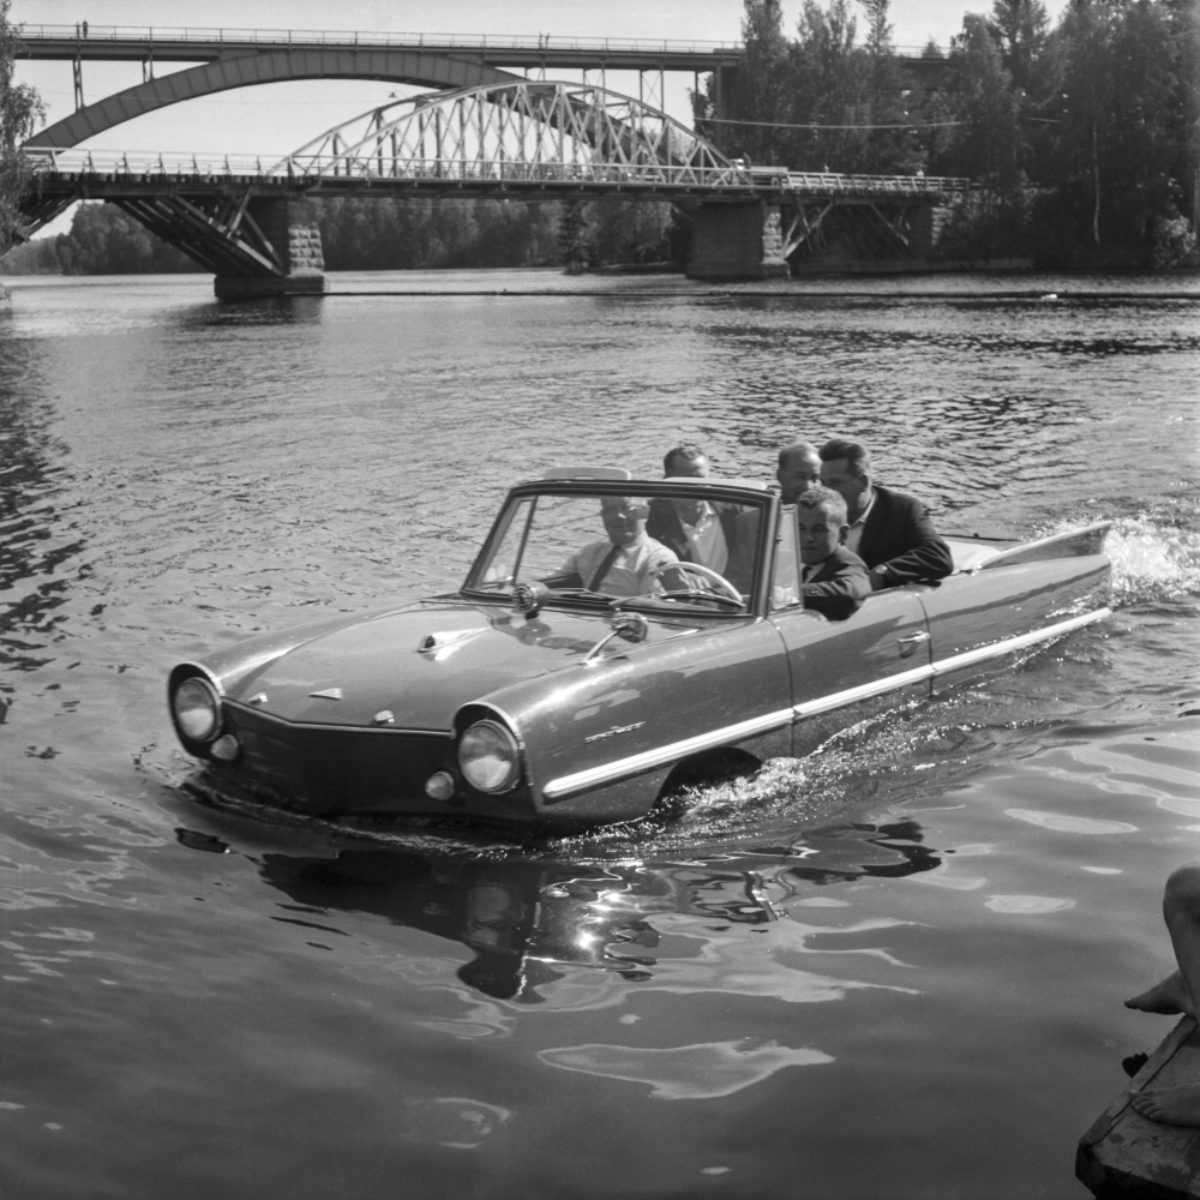 Vattenbil i Jyrängönvirta i Heinola 6.7.1963. Amphicars hastighet i vattnet var 14 km/h, på landsvägen 100 km/h. Den höll passagerarna torra. Foto: Itä-Häme / JOKA / Museiverket